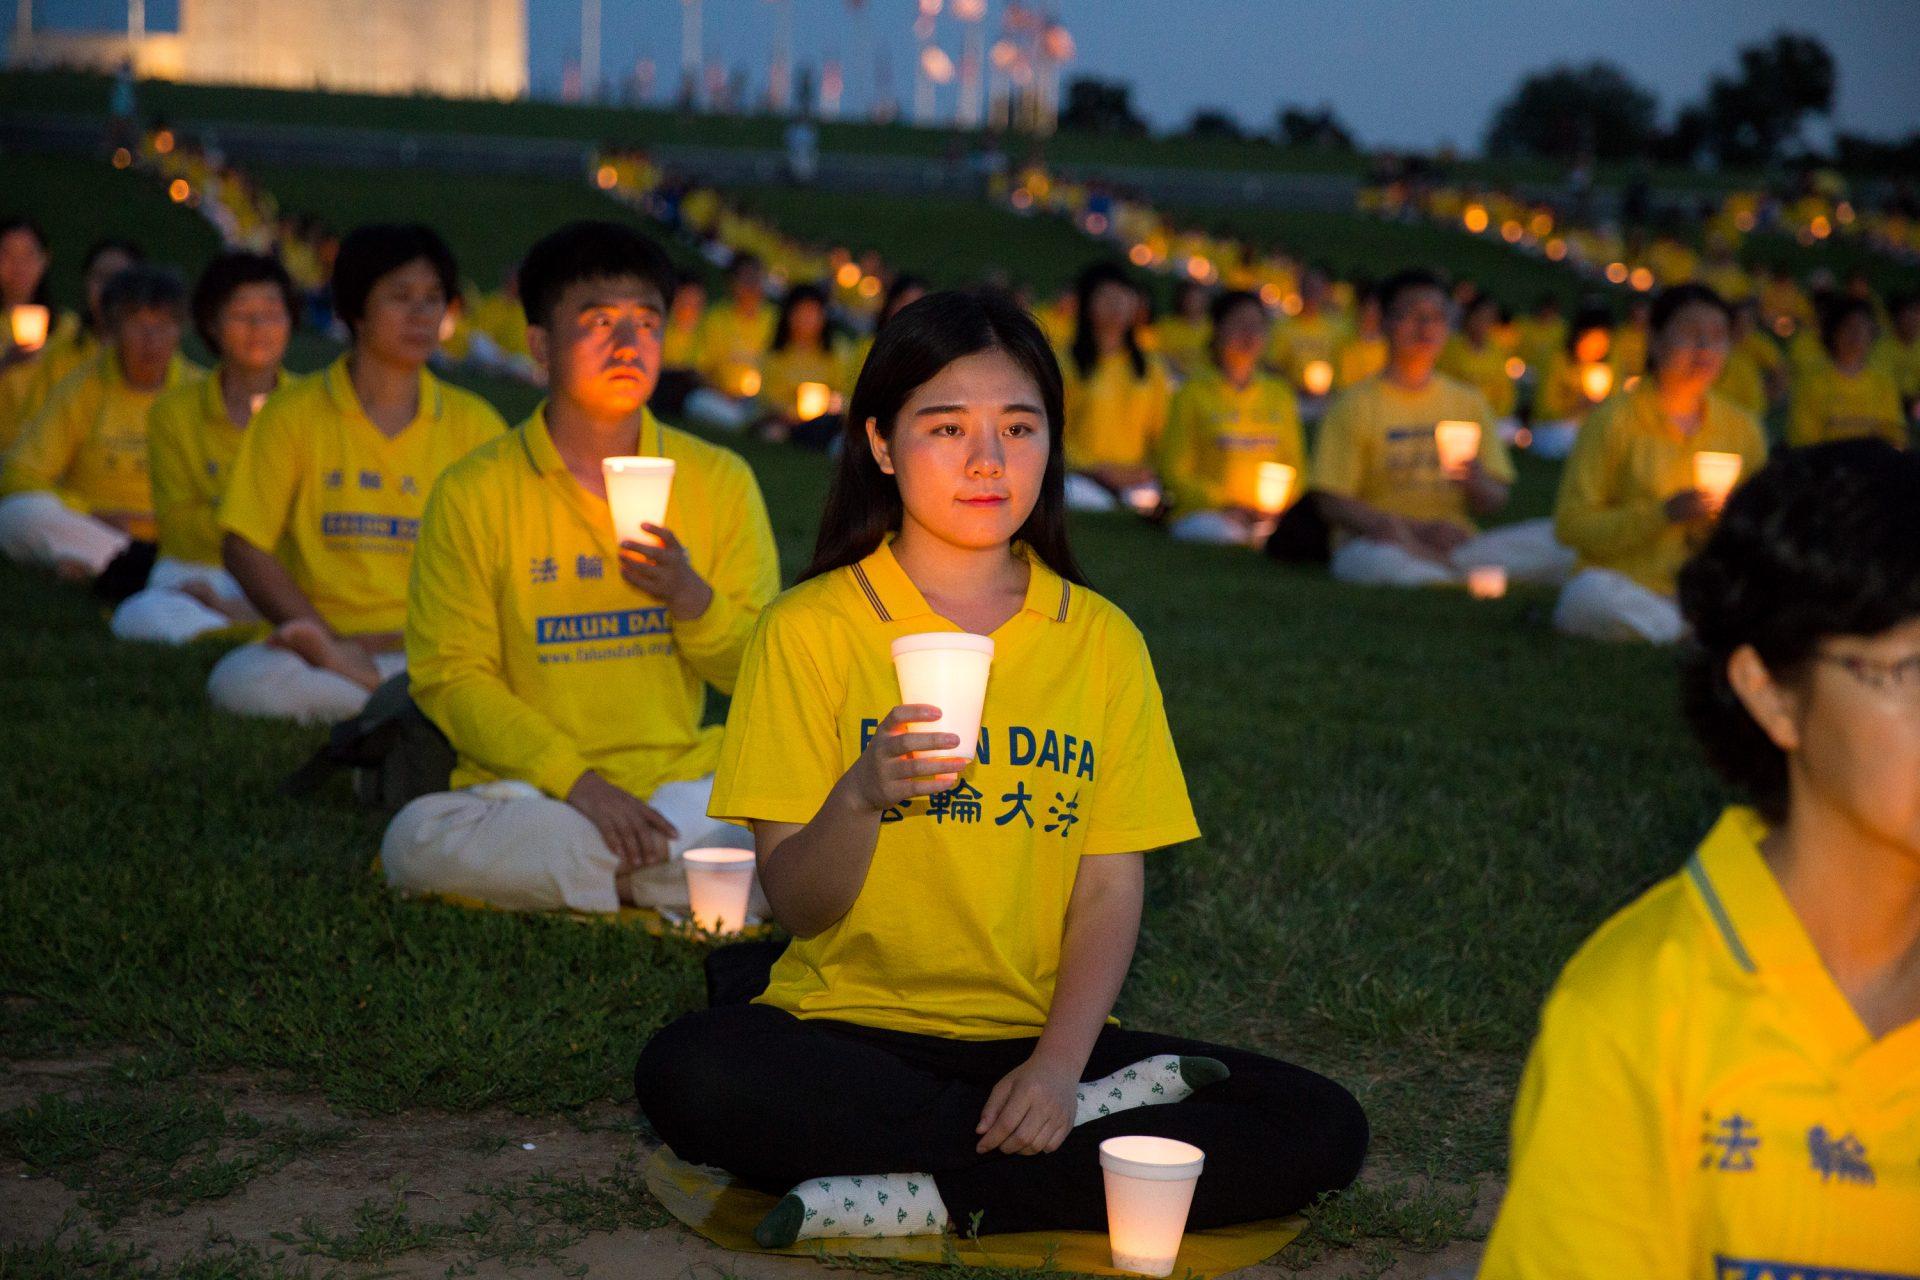 5 motivos por los que el Partido Comunista Chino quiere erradicar a Falun Dafa